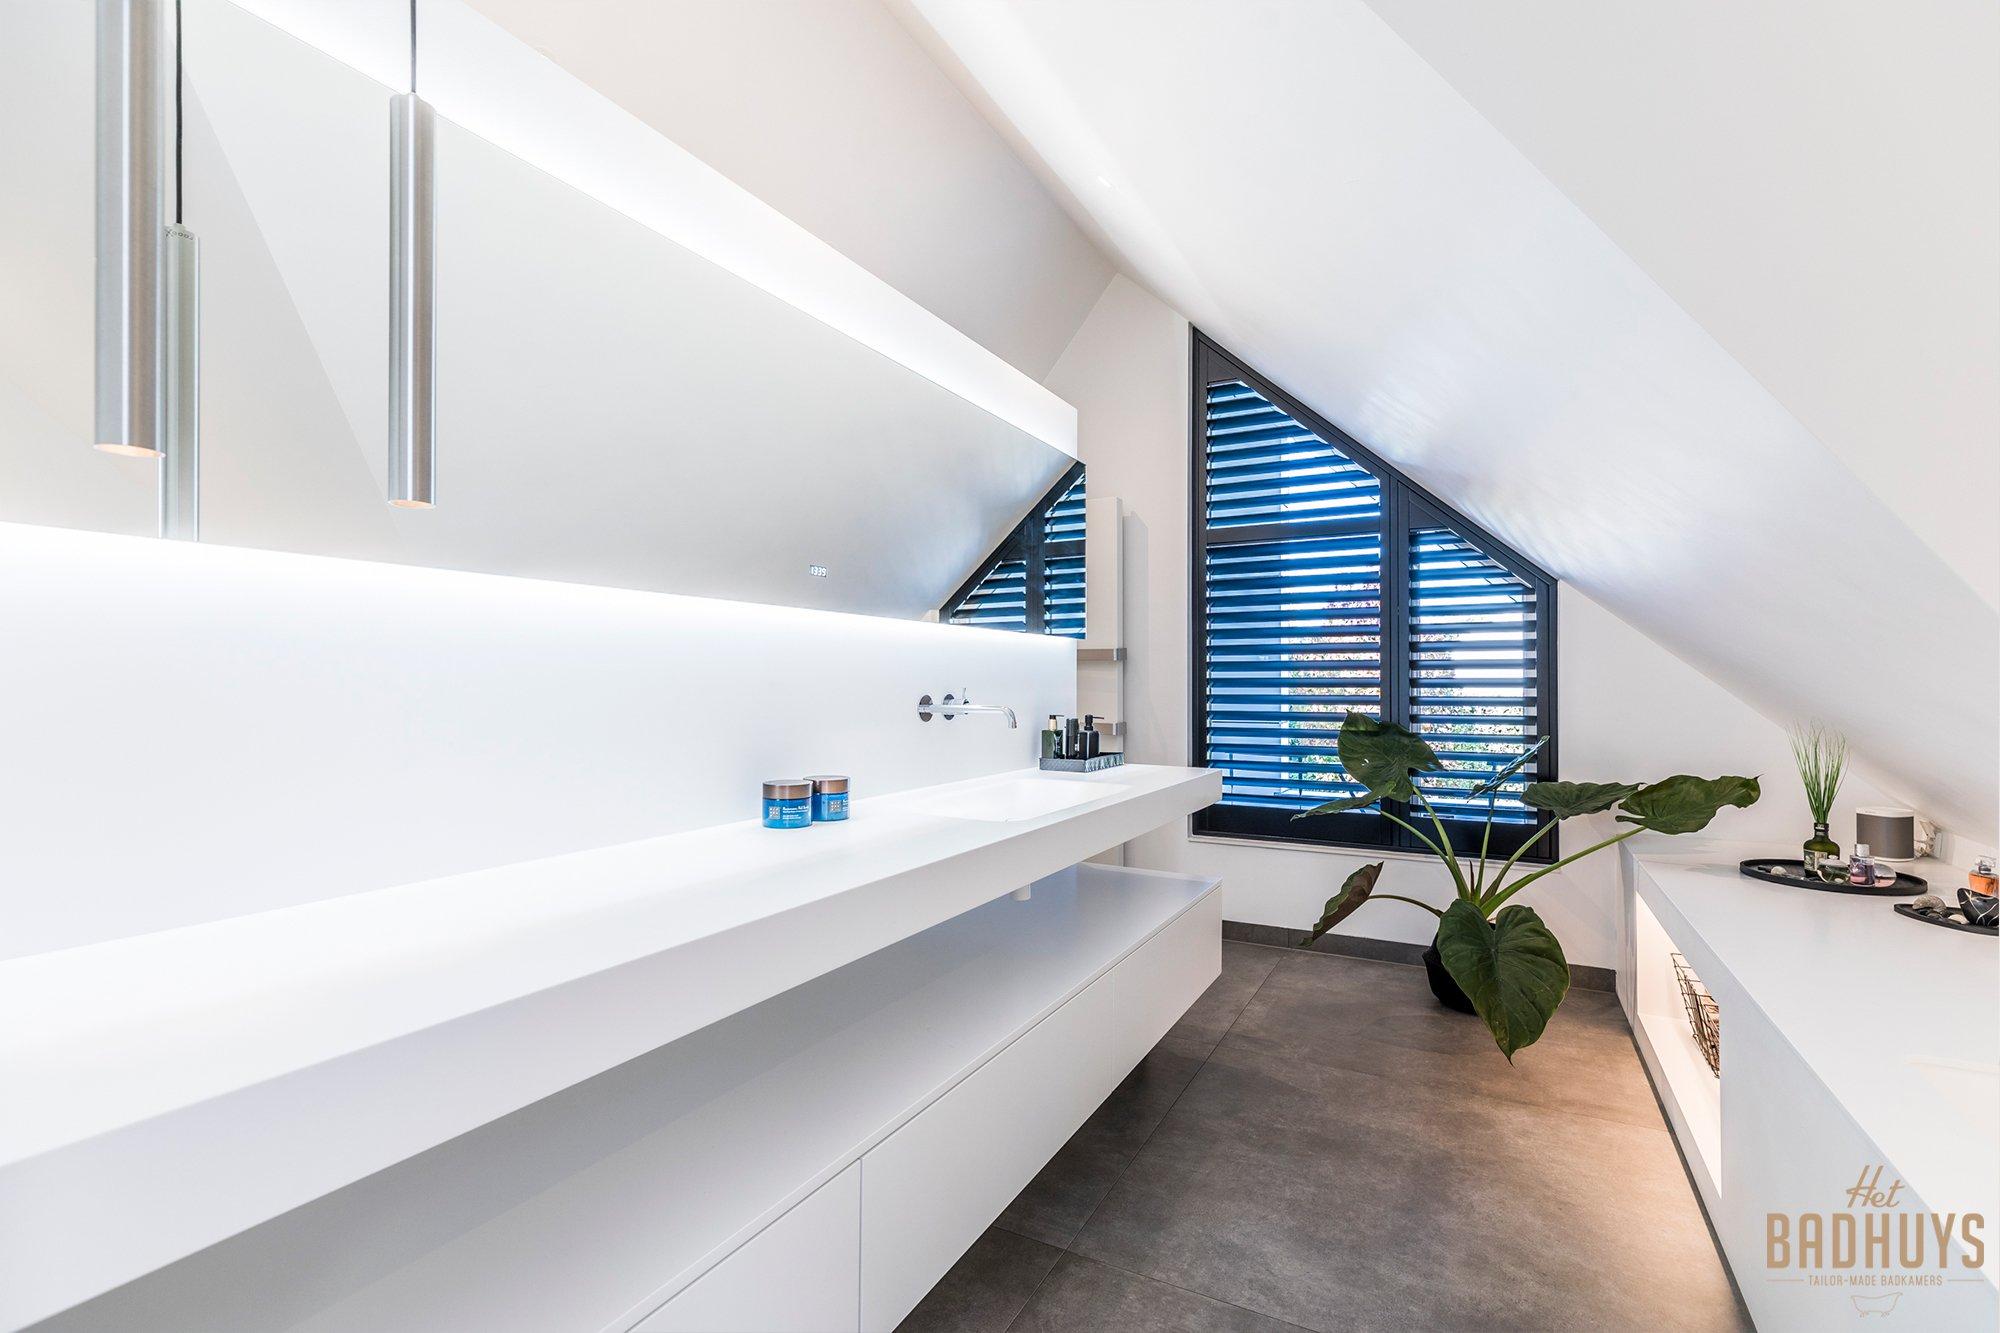 Strak moderne badkamer in wit, gerealiseerd door badkamerspecialist in Antwerpen: Het Badhuys.